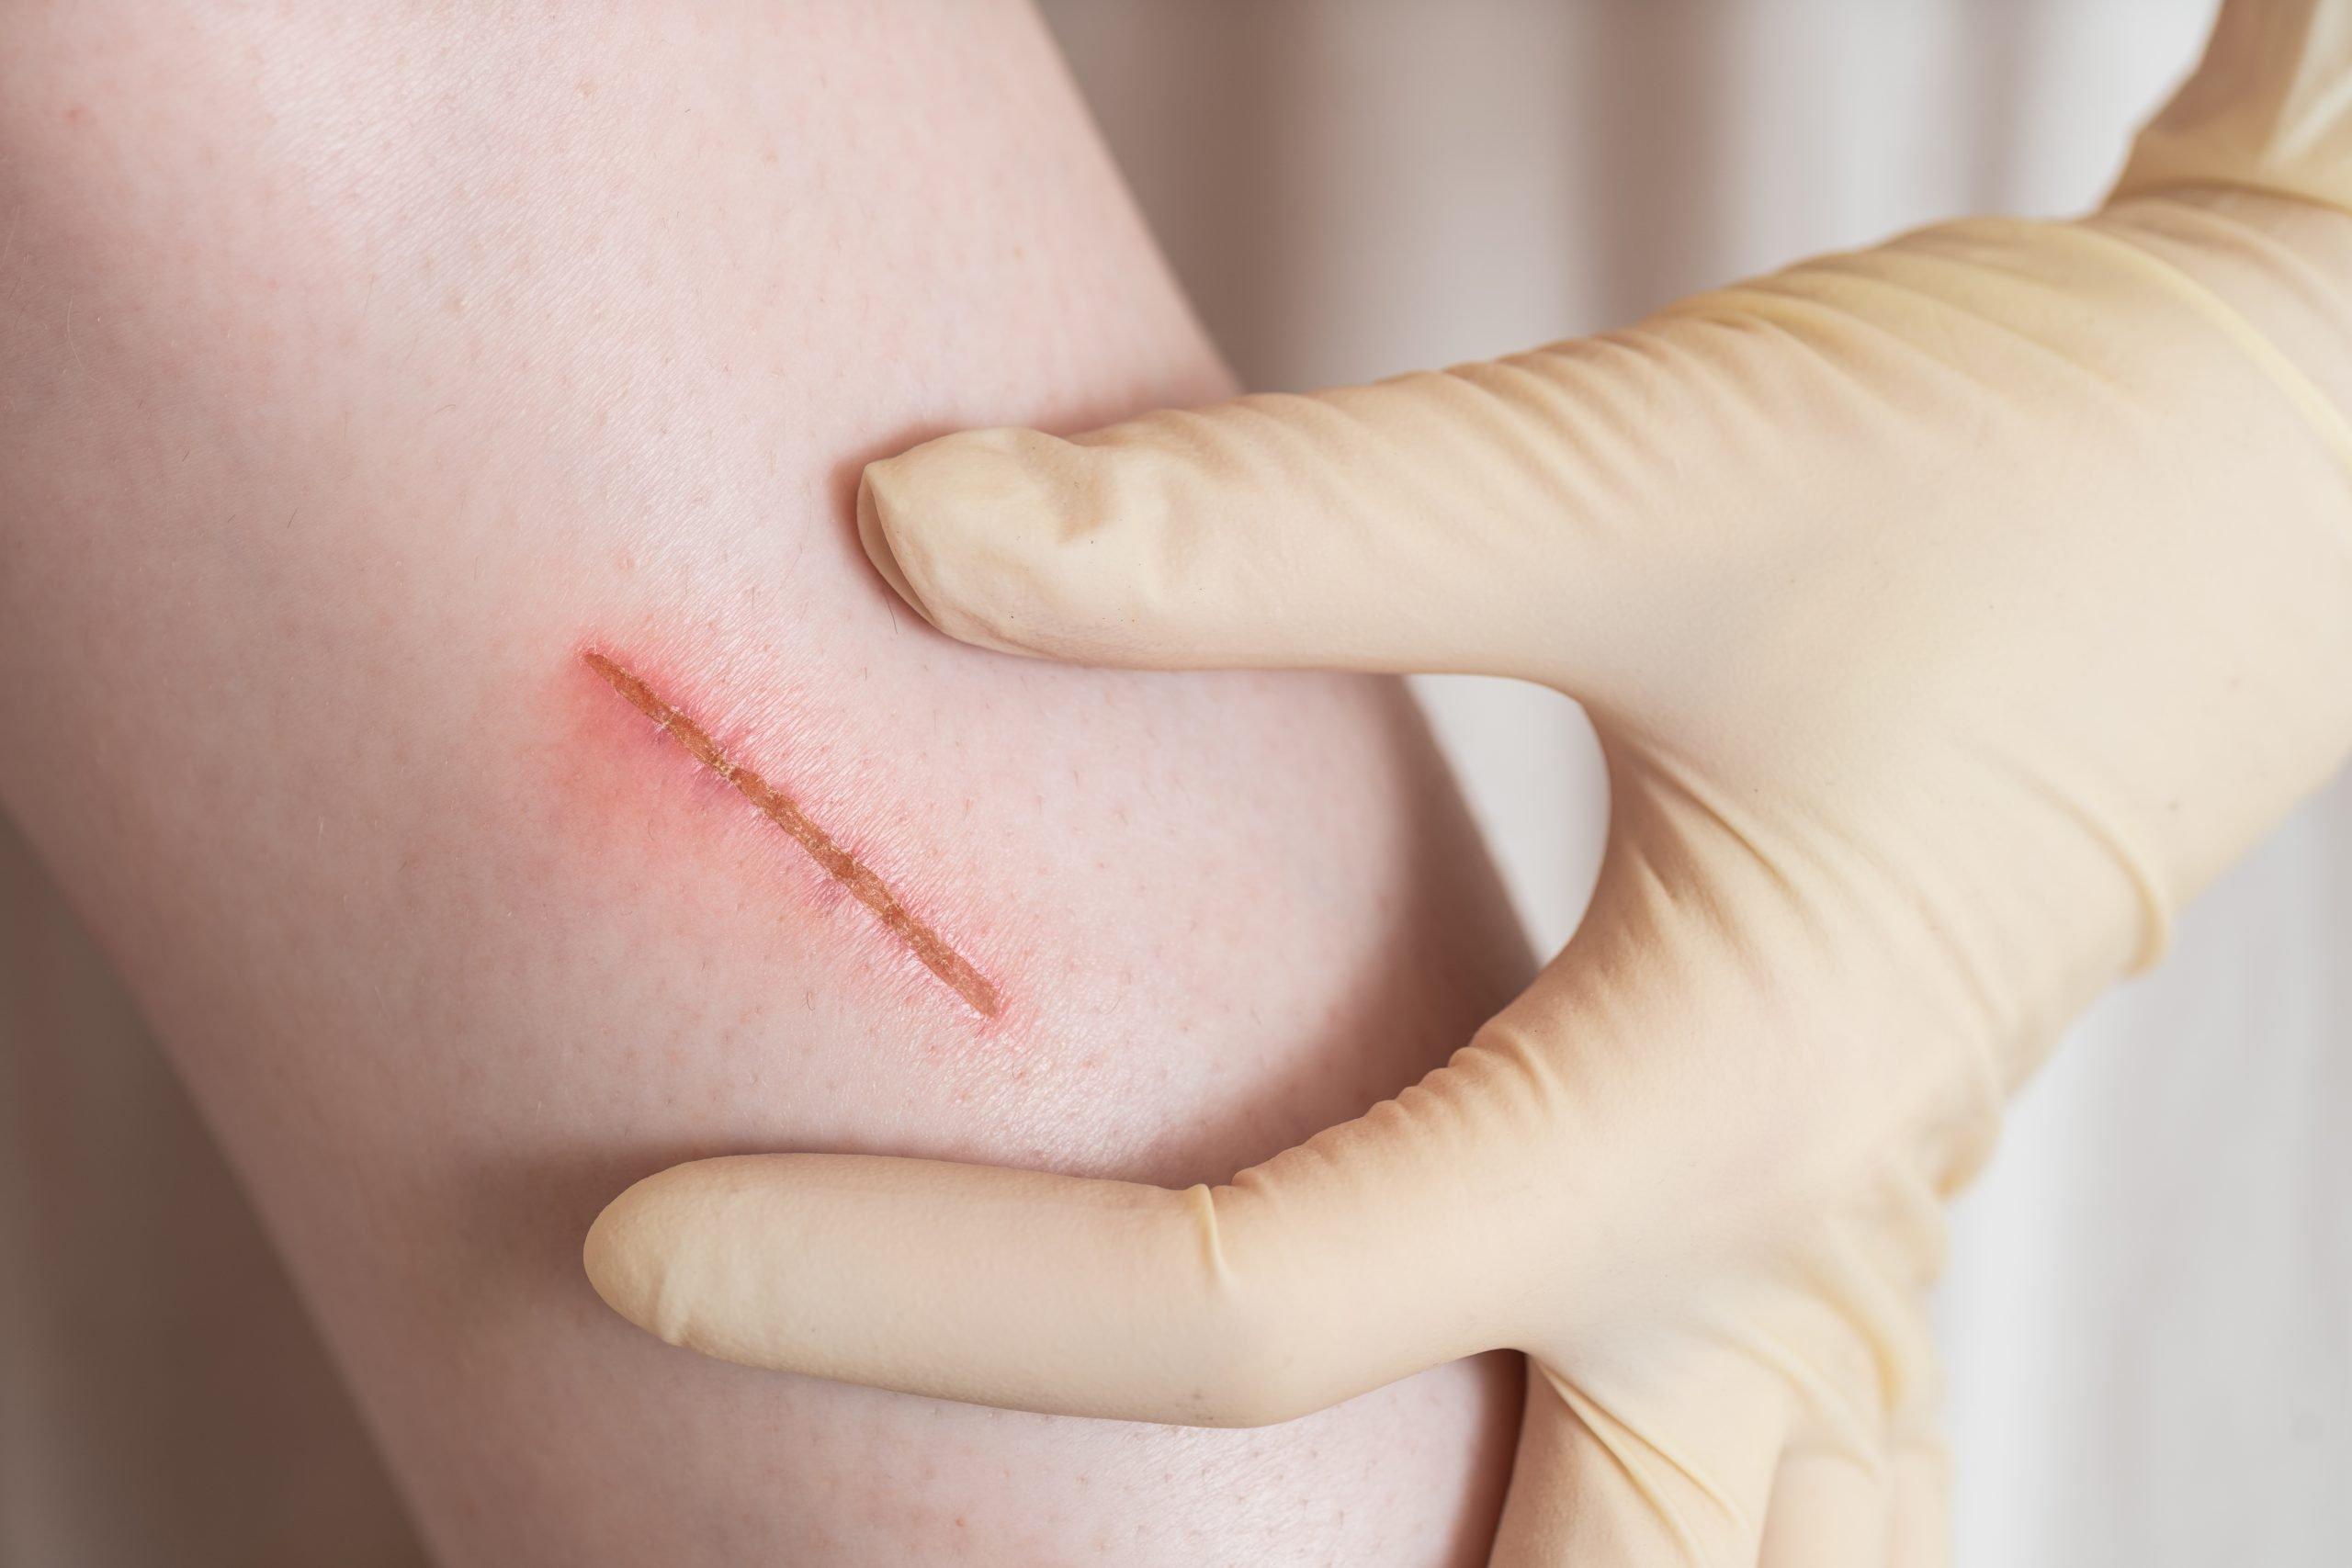 rana na ręce, leczenie blizny, co stosować na blizny